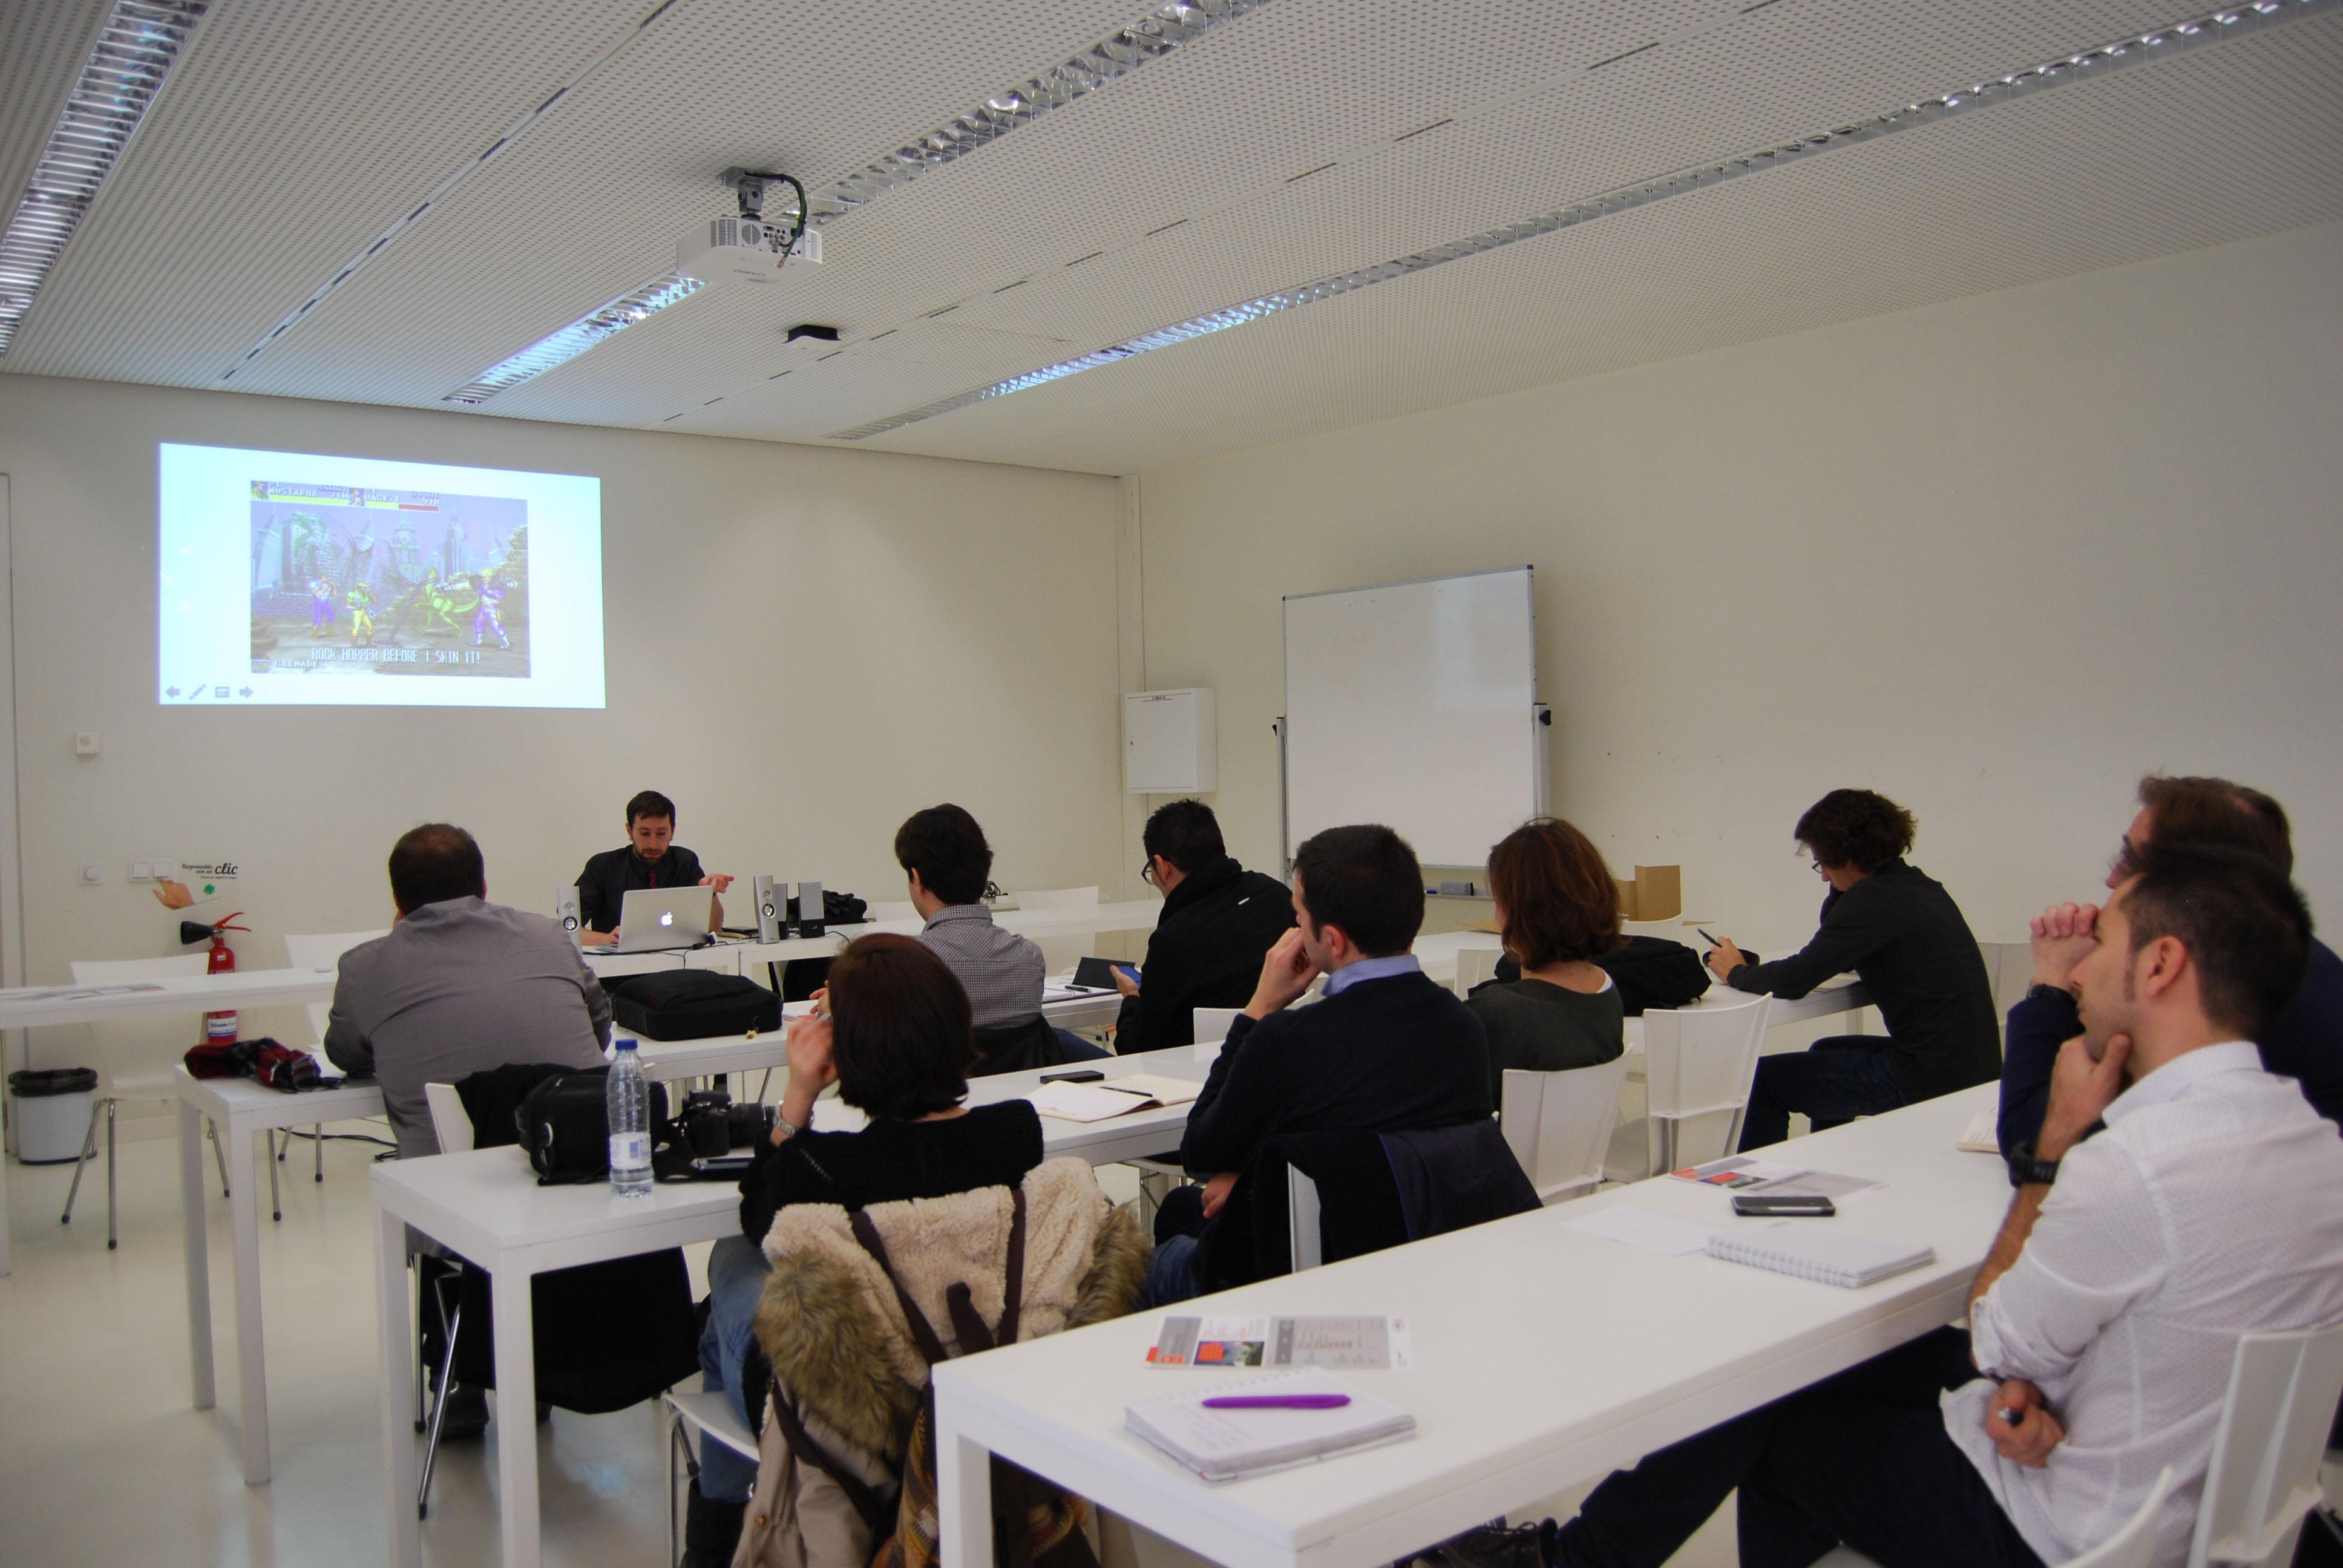 universidad san jorge conferencia manuel saga arquitectura en videojuego